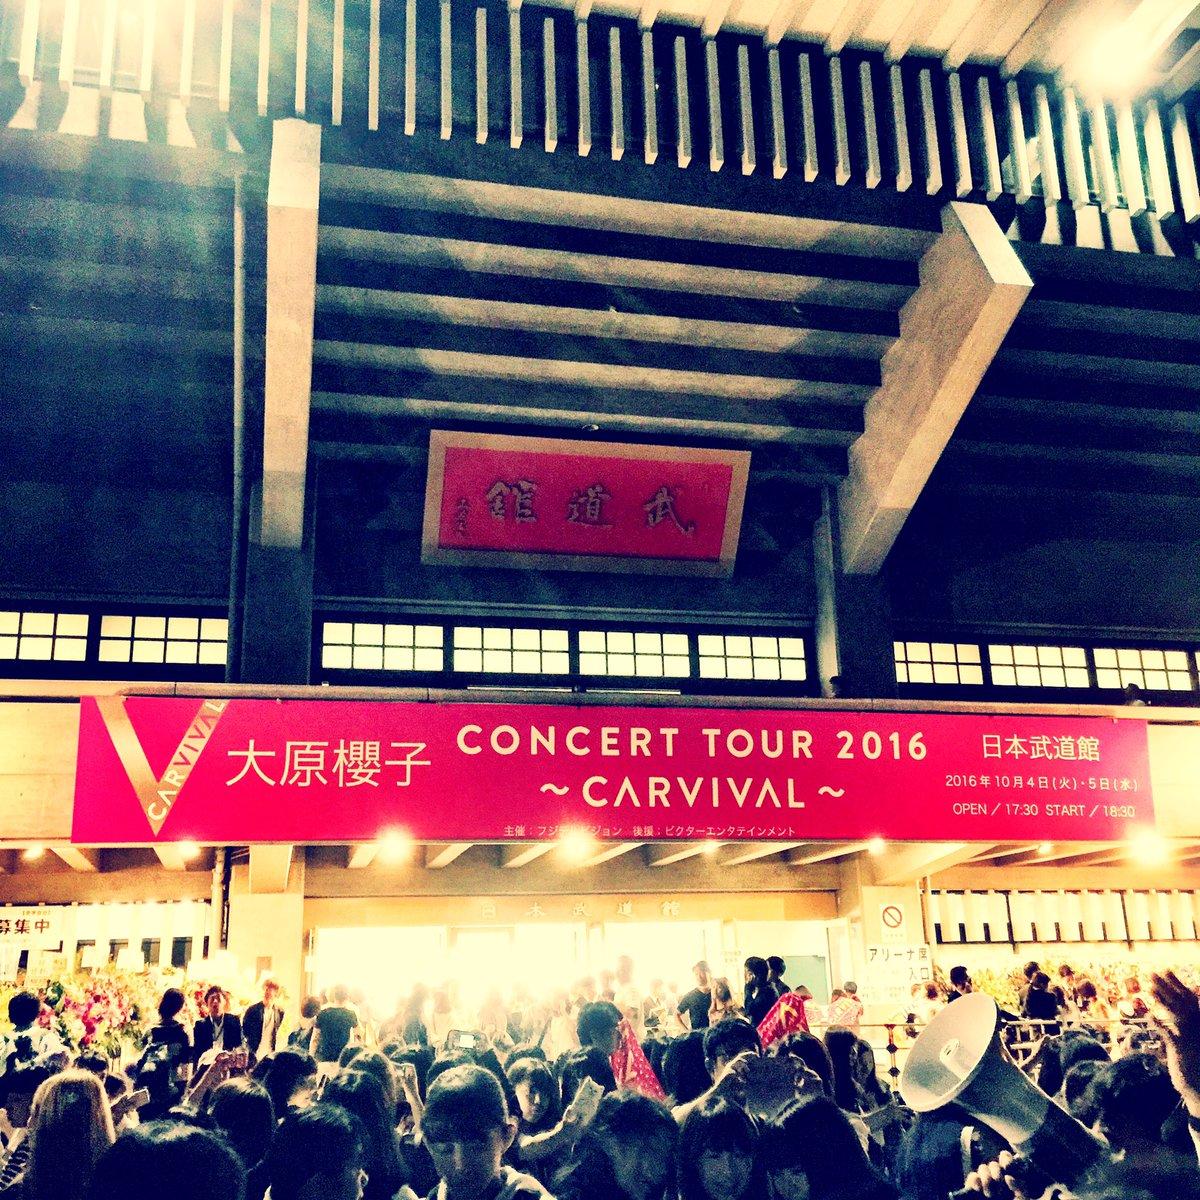 昨晩は、大原櫻子さんCONCERT TOUR 2016 〜CARVIVAL〜、武道館ファイナルにお招き頂きました。カワイ